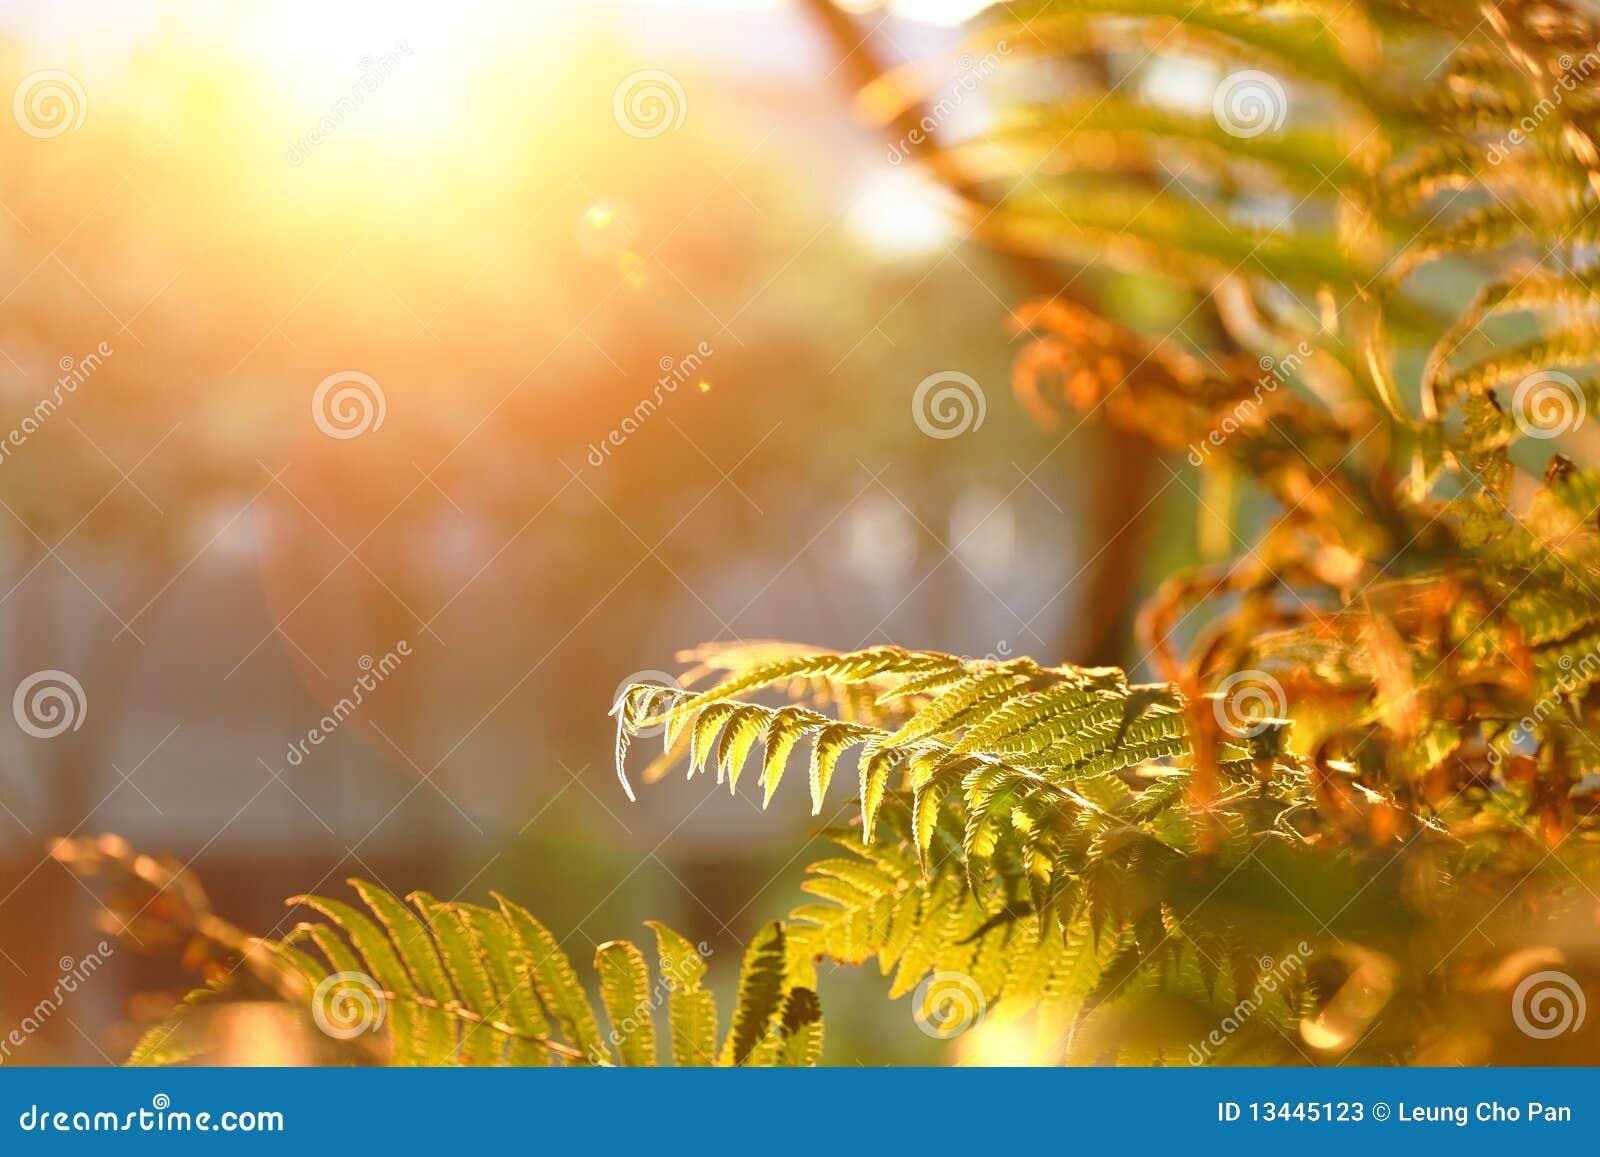 Leaf under sunstråle